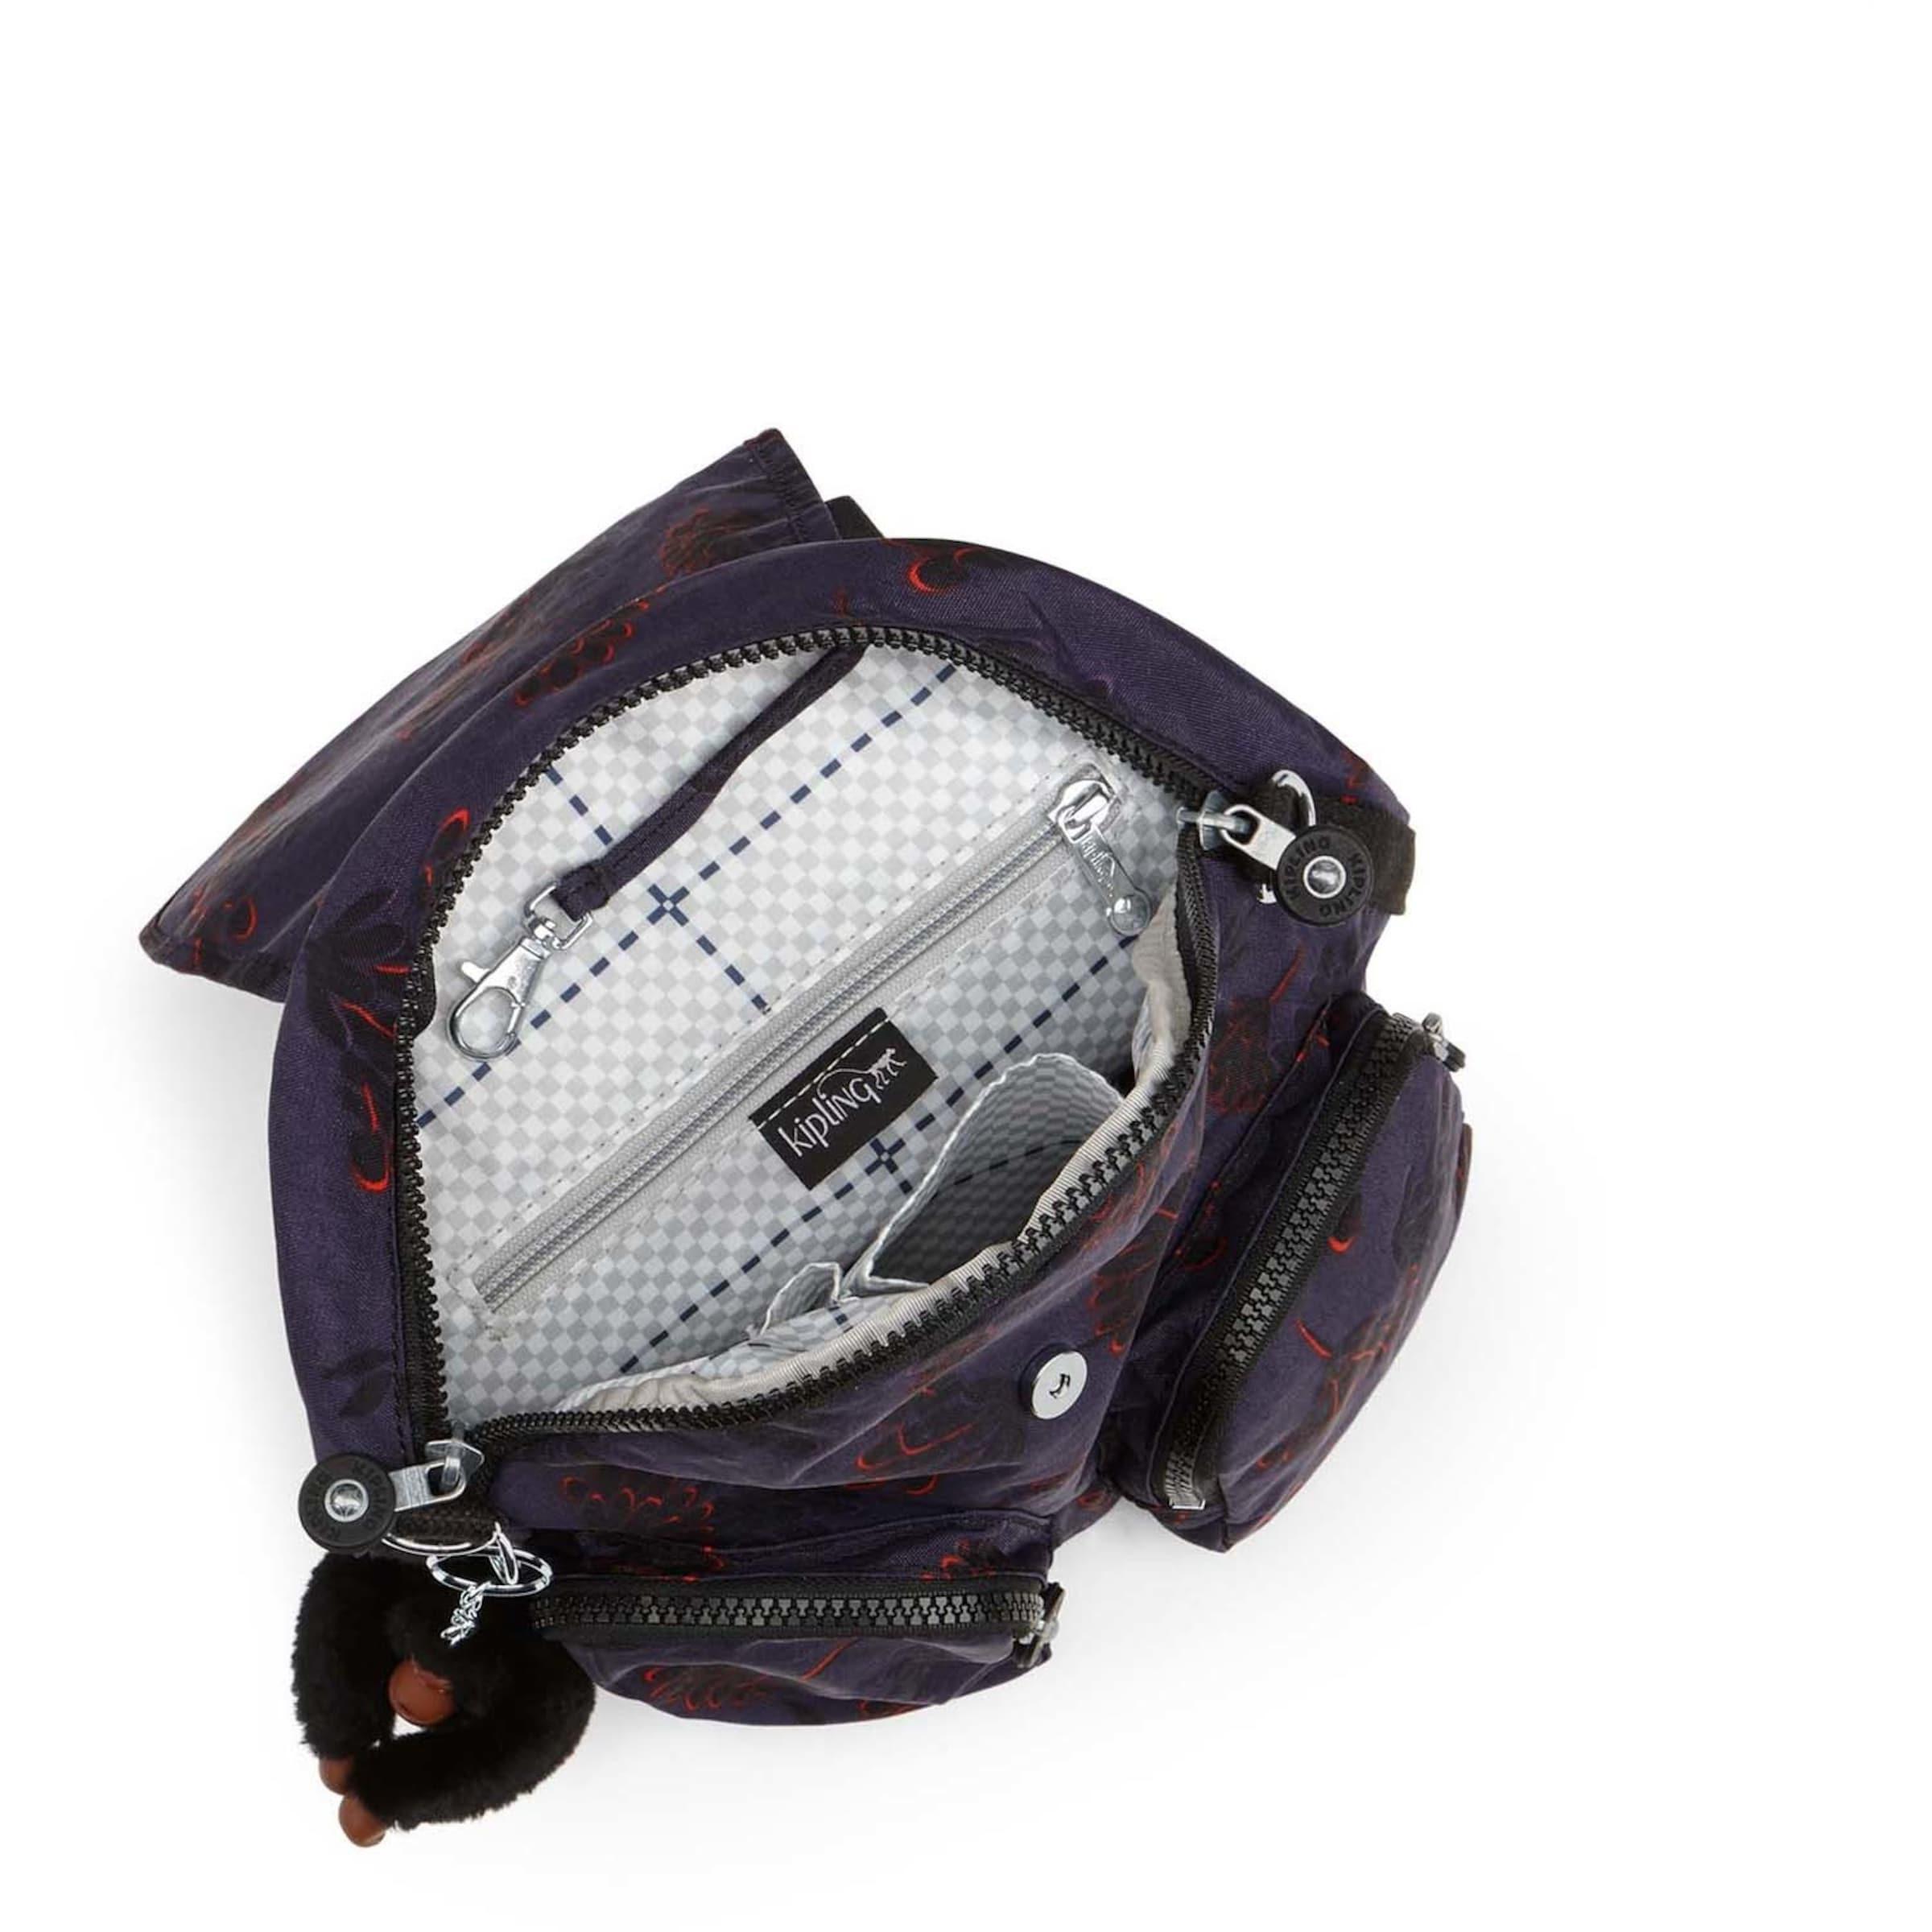 KIPLING Firefly Up Medium Rucksack 31 cm Günstig Kaufen Outlet-Store Für Schönen Verkauf Online Für Schöne Günstig Online g46OIuMB